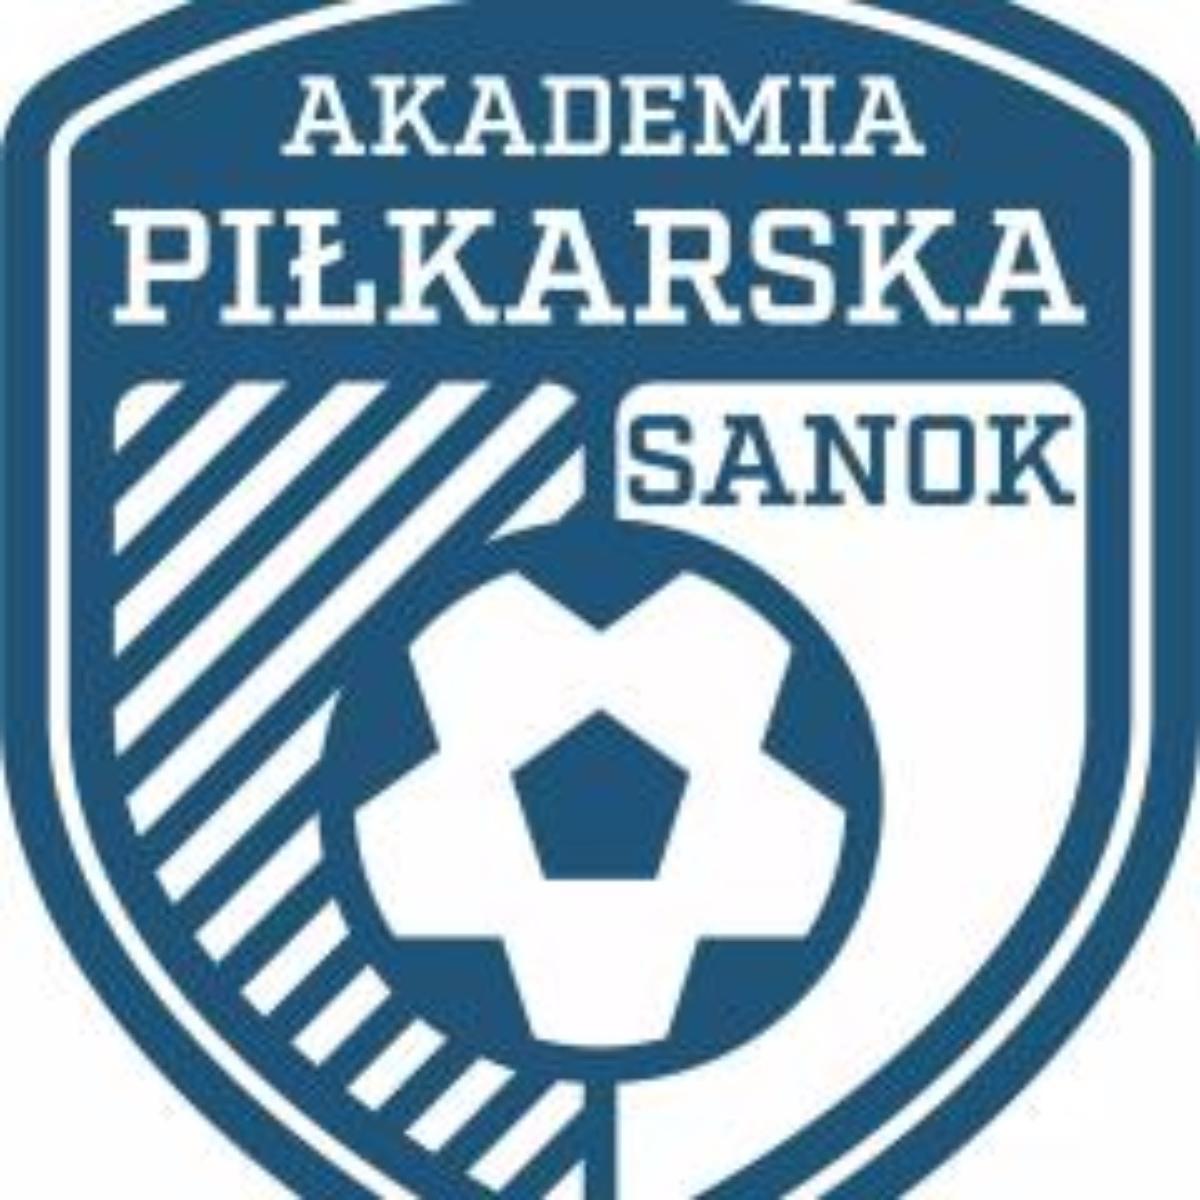 Turniejowy triumf drużyny rocznika 2012 Akademii Piłkarskiej Wiki Sanok - Zdjęcie główne